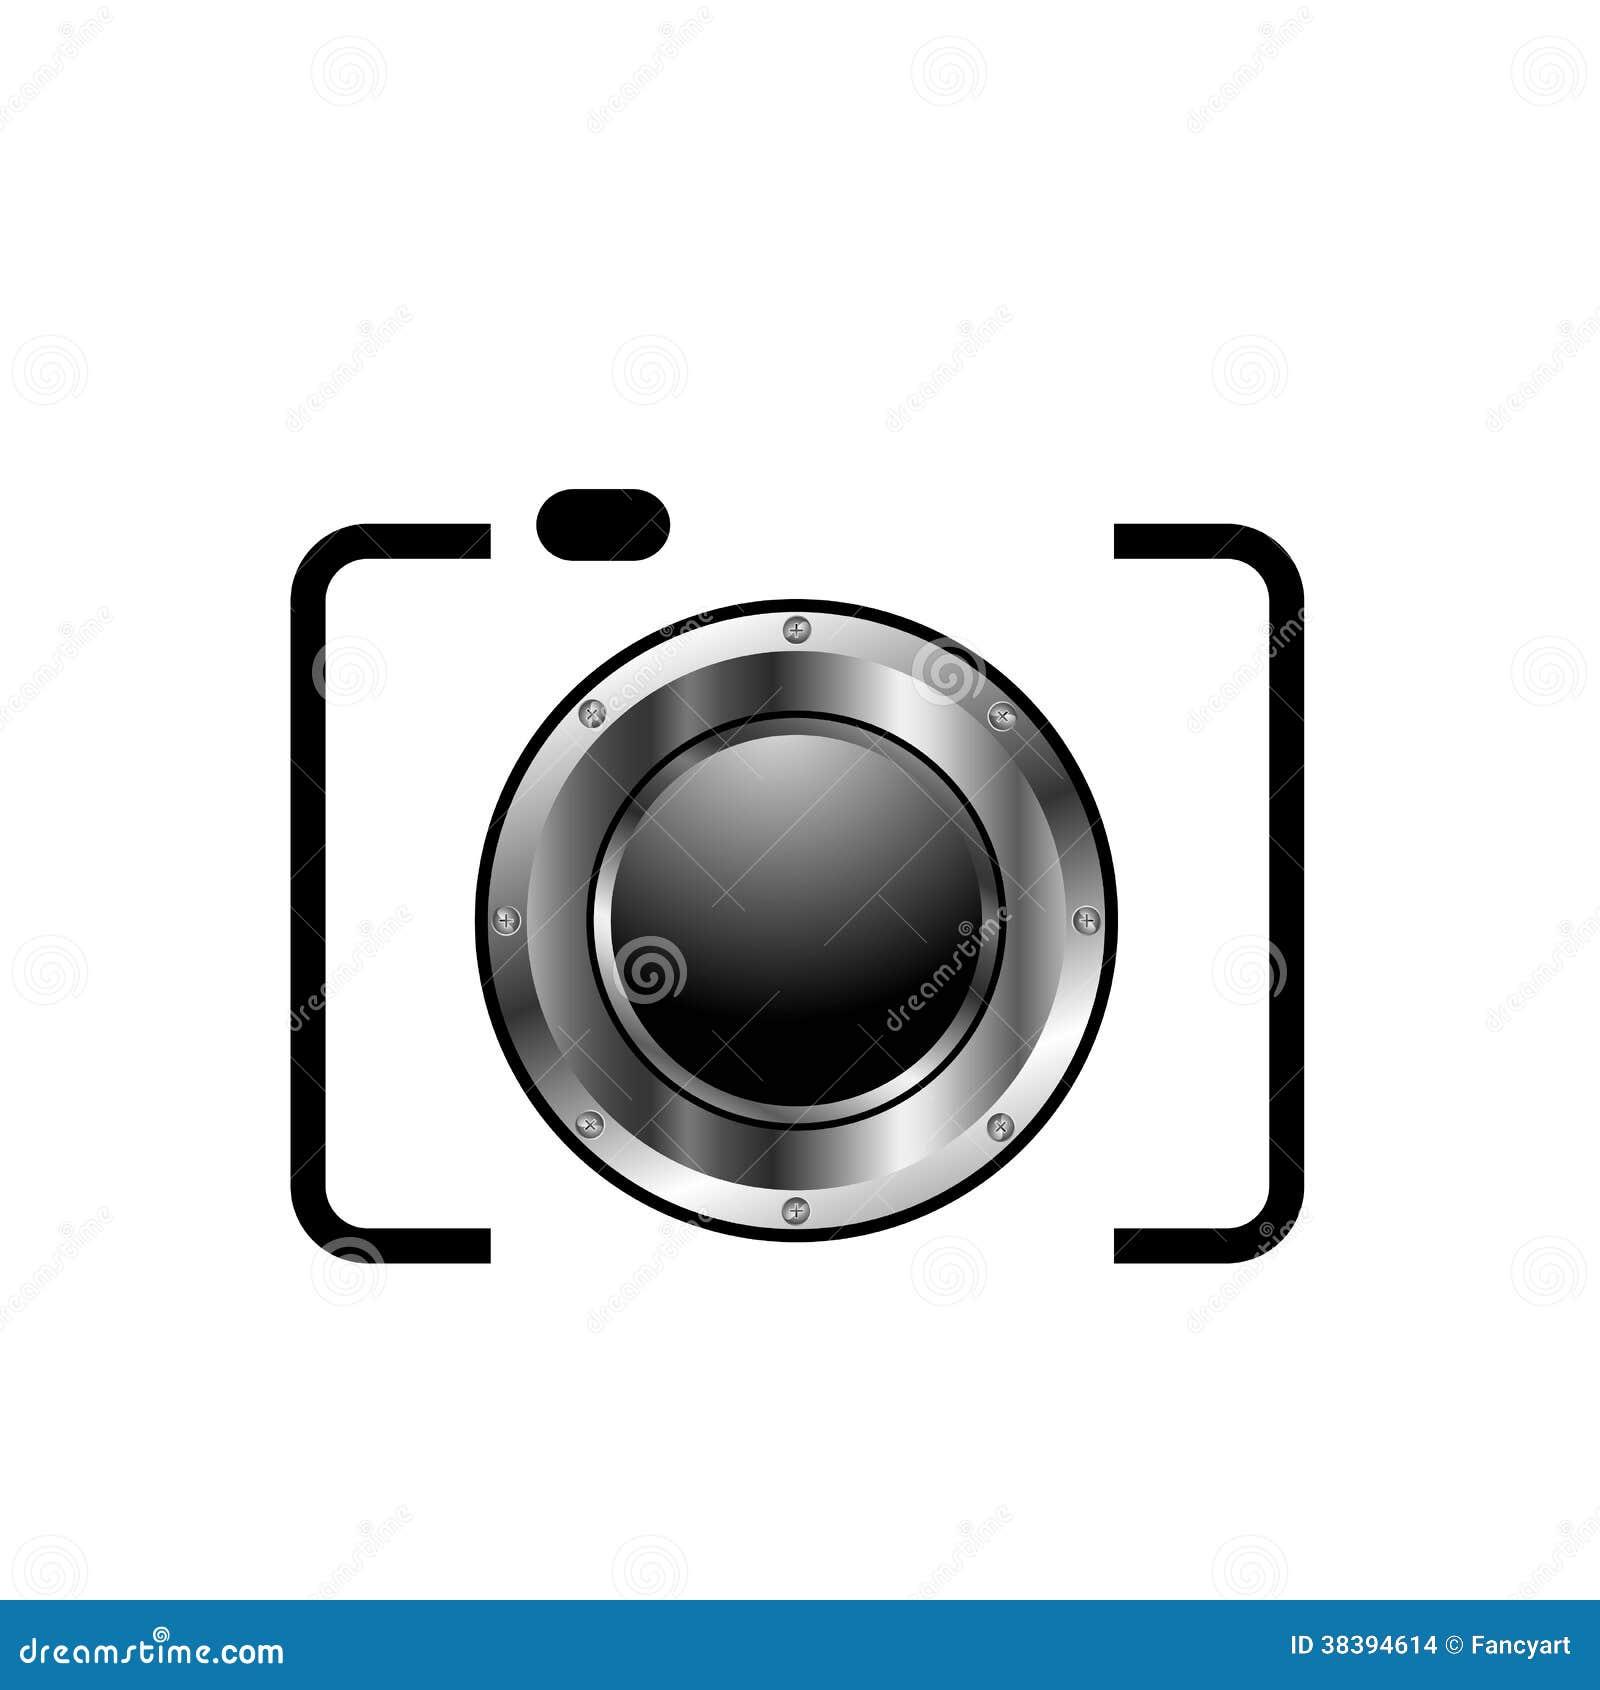 Digital camera pictures | download free images on unsplash.